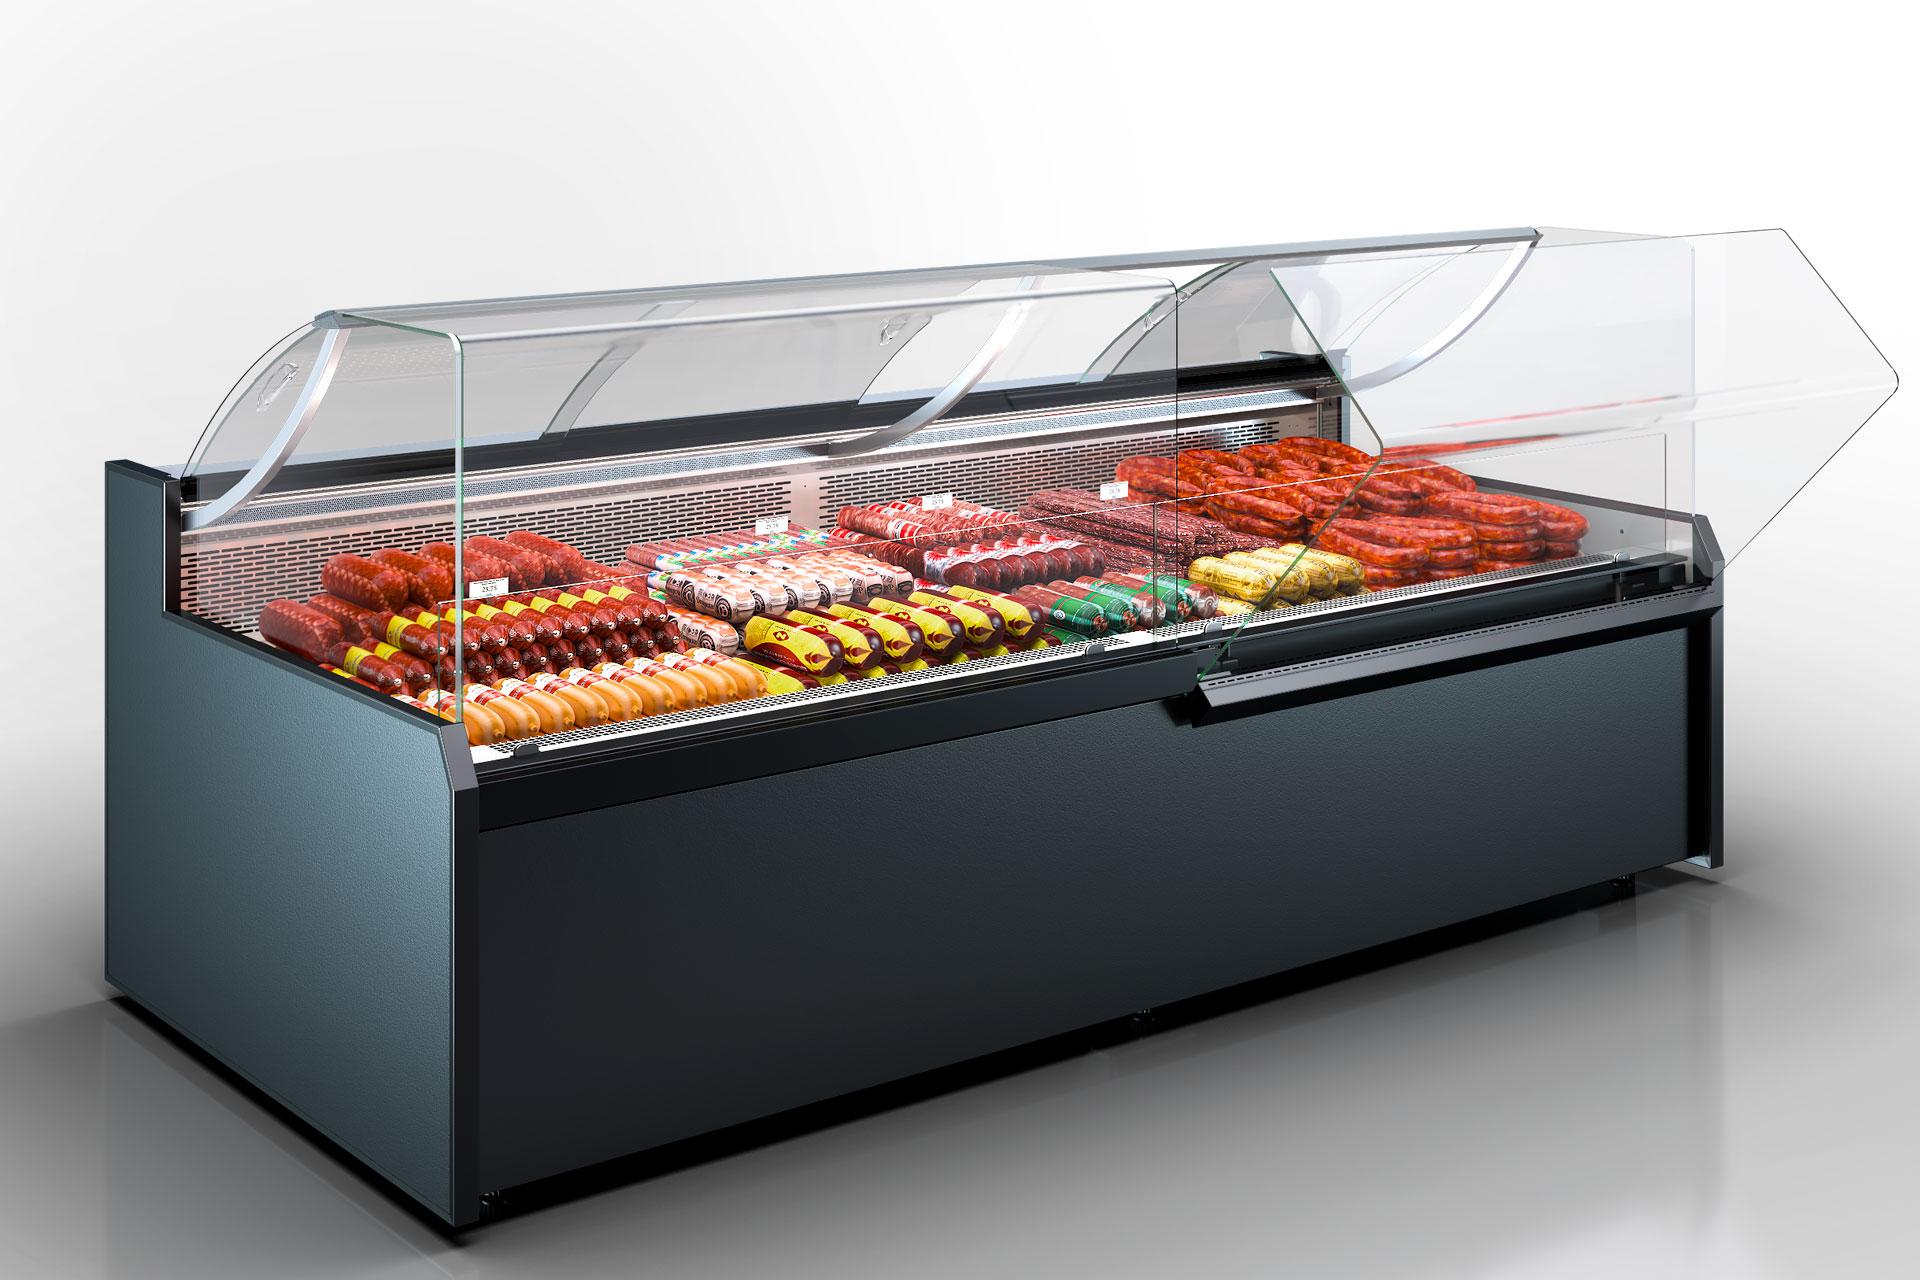 Lady chłodnicze Missouri MC 120 deli OS 120-DBM (option)